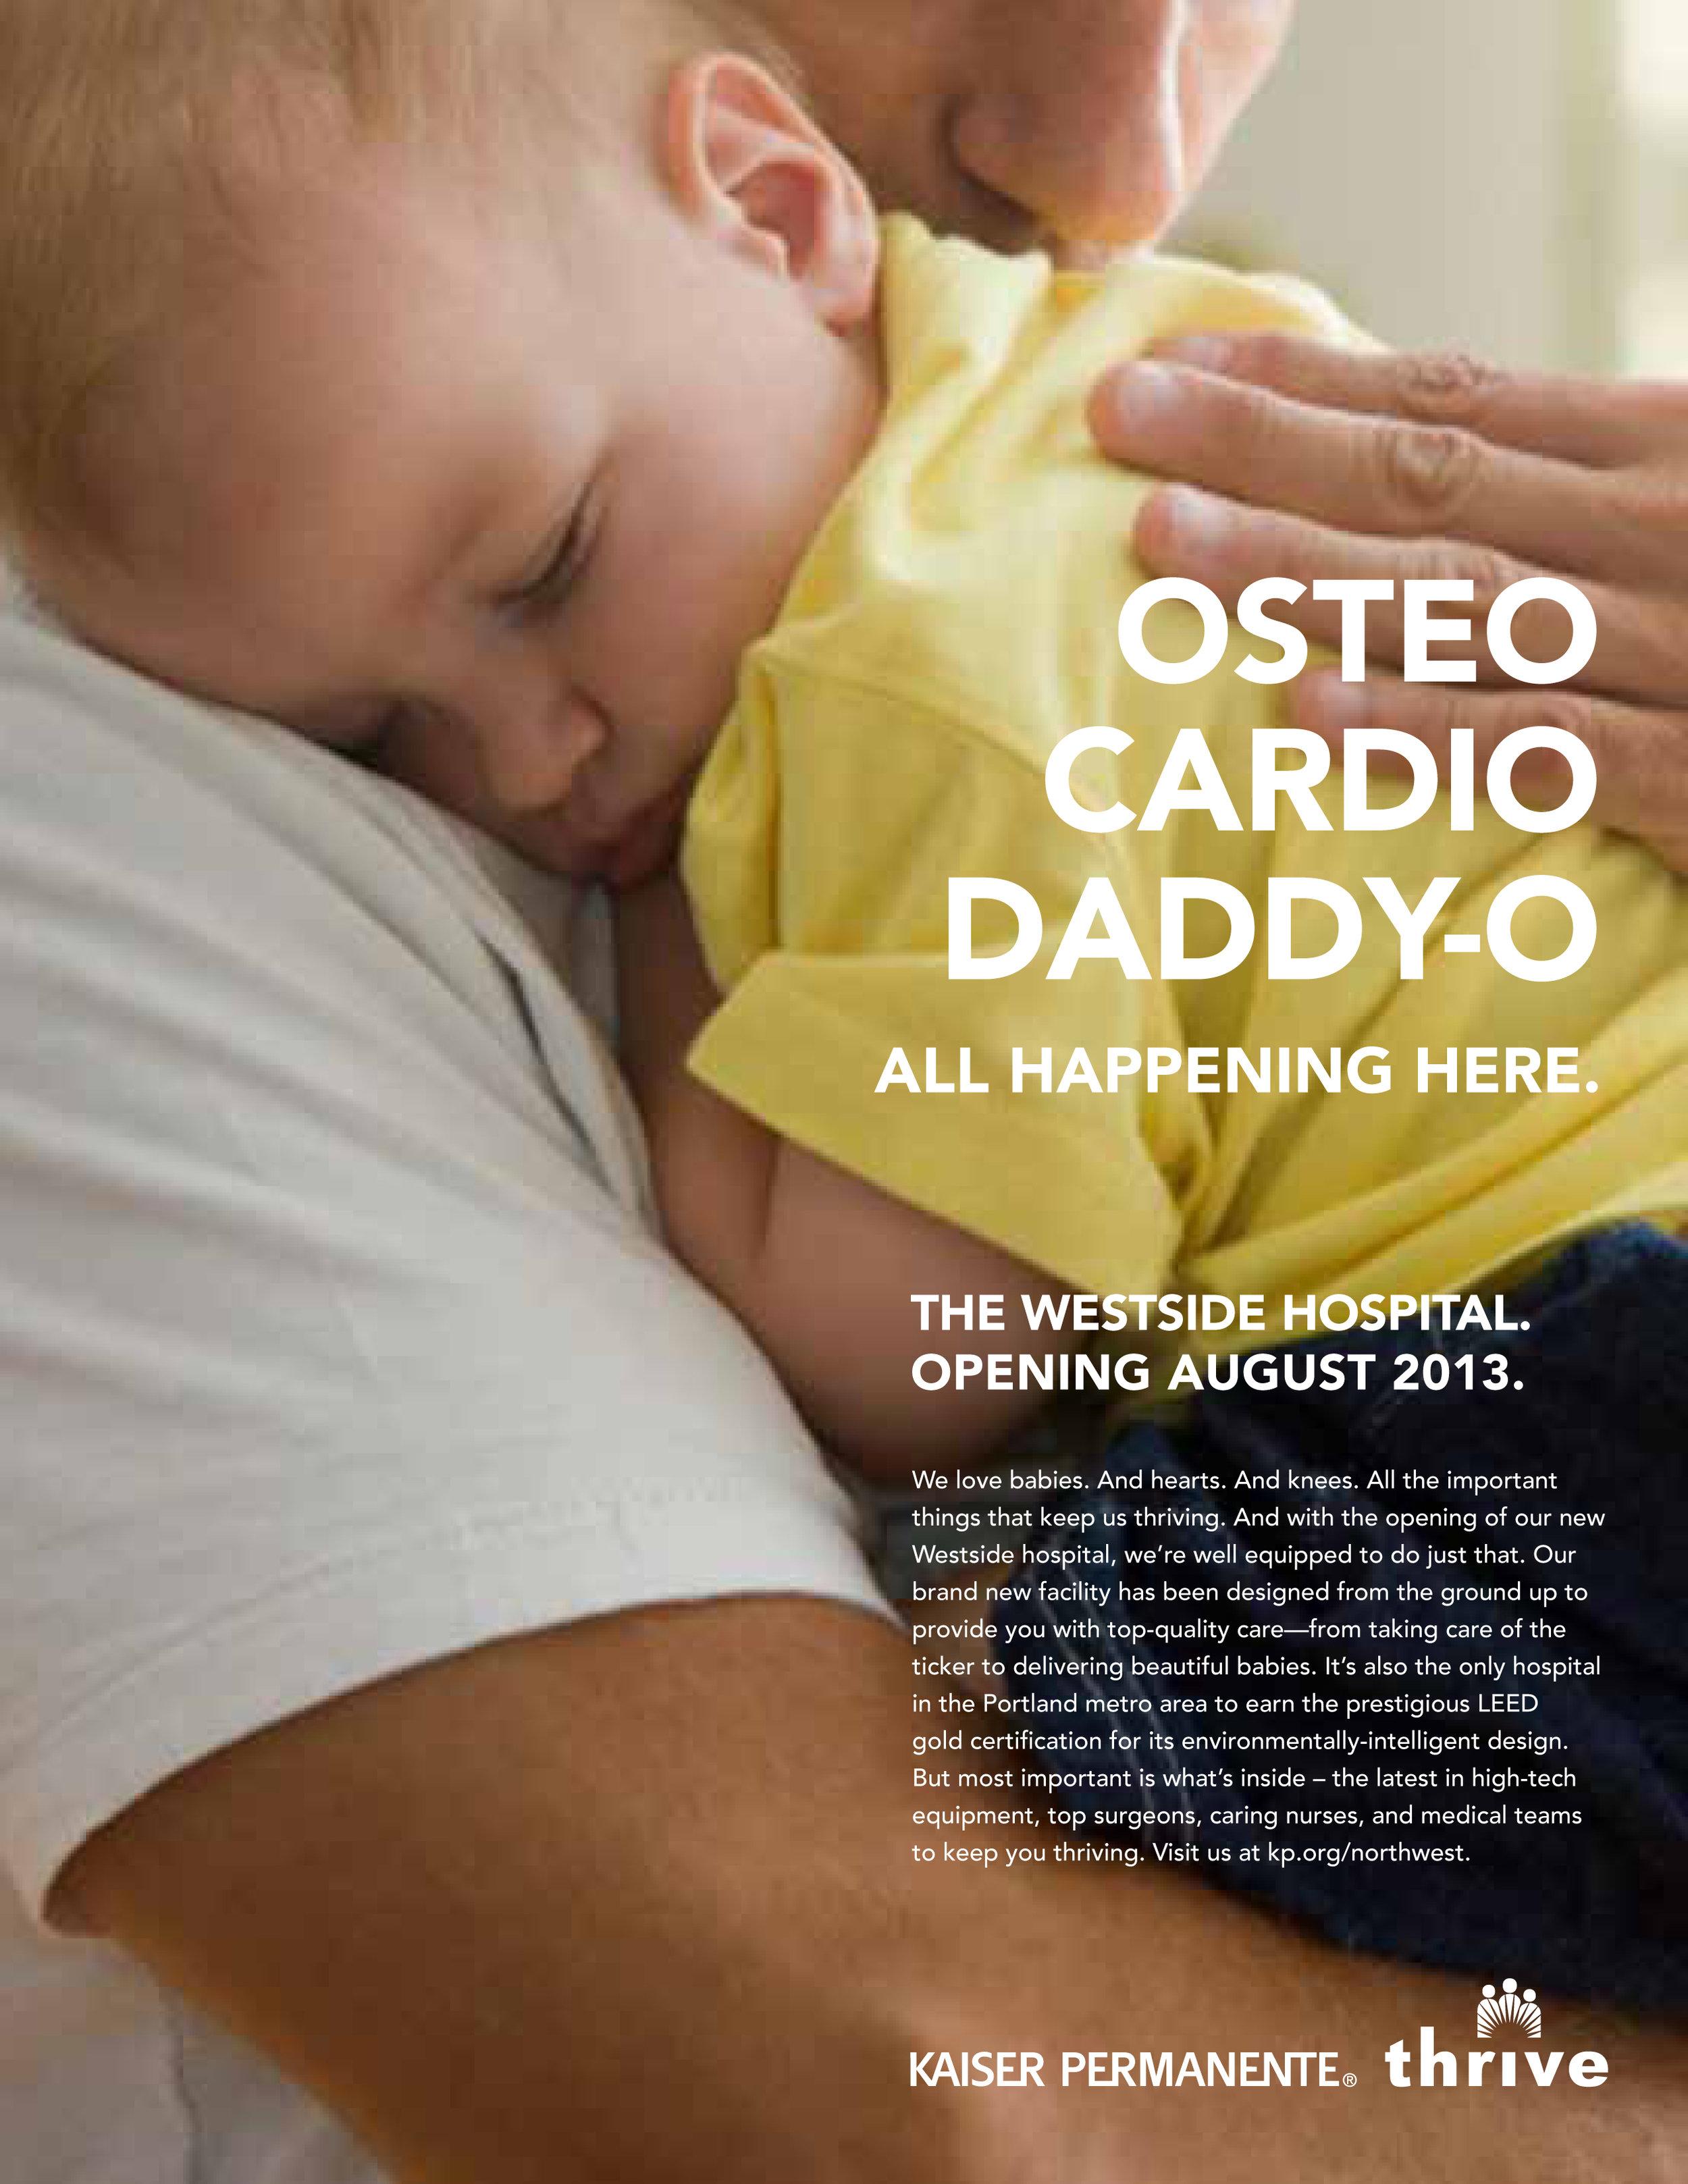 KP Osteo Cardio Daddy-O Ad.jpg